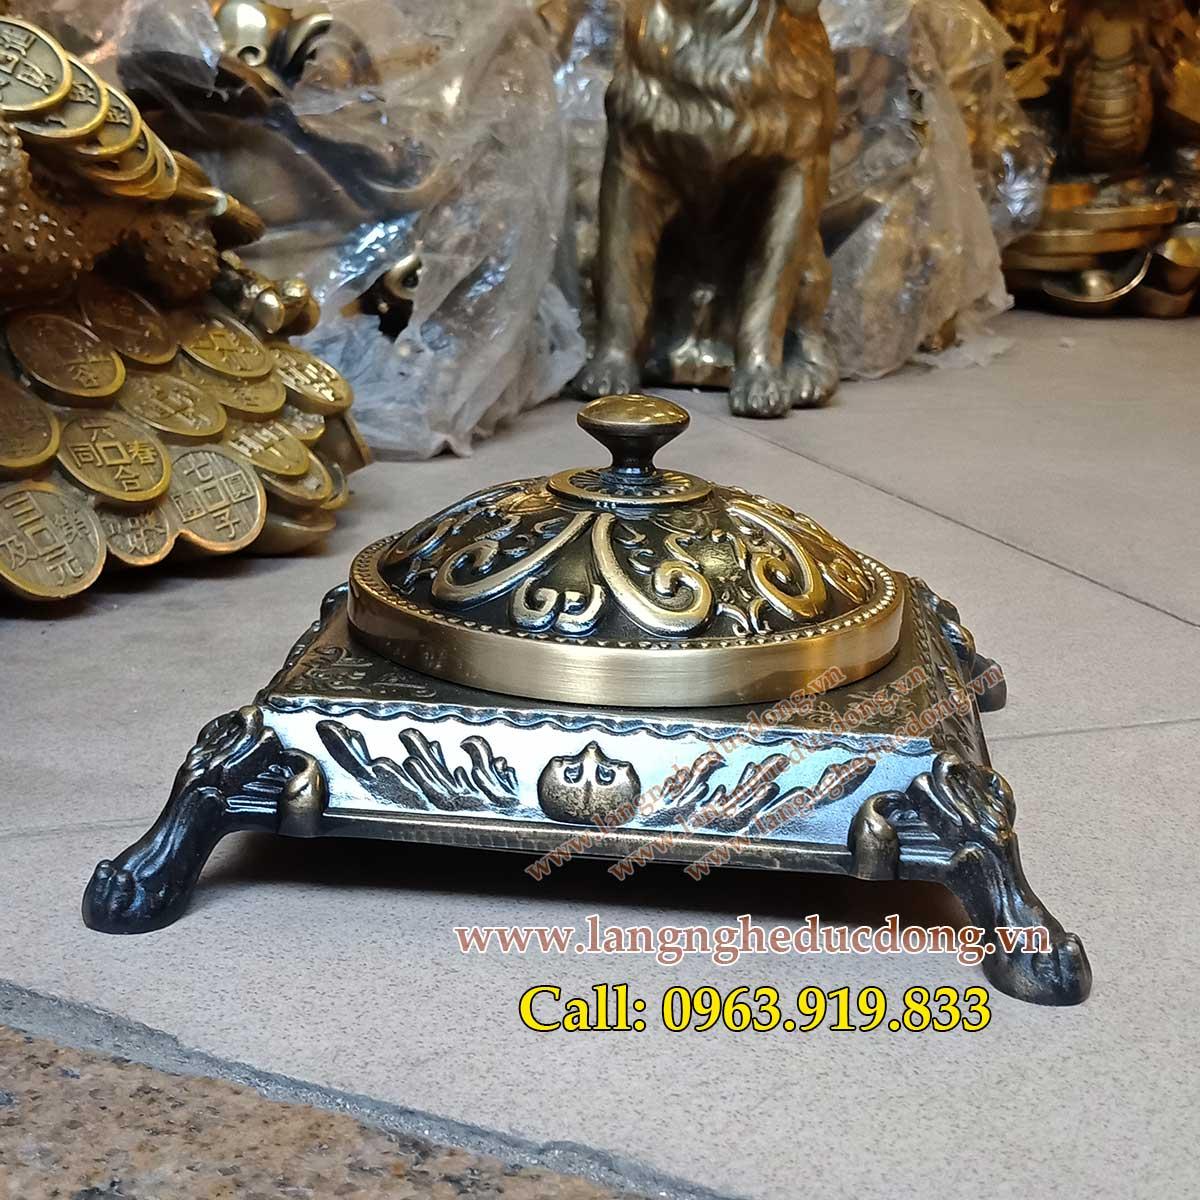 langngheducdong.vn - đồ trang trí, gạt tàn thuốc lá, mẫu gạt tàn, gạt tàn bằng đồng